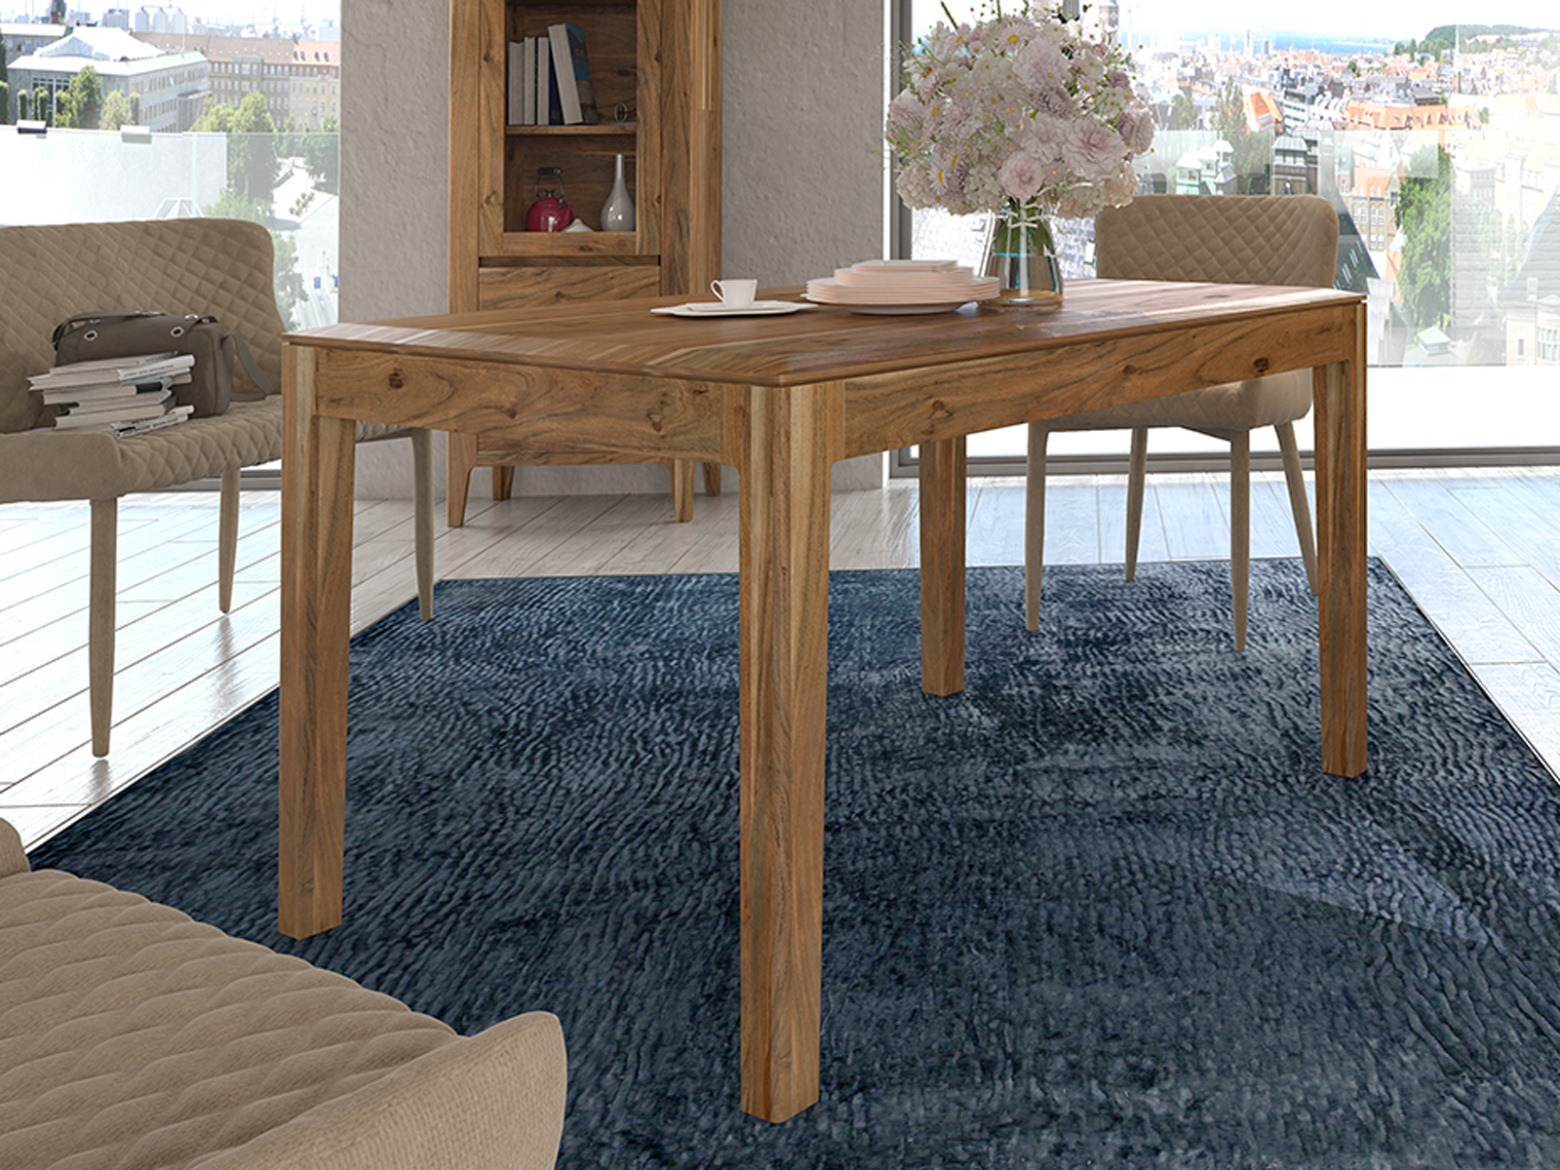 esstisch esszimmer tisch casablanca 130 160 x 80 90 cm akazie massiv in 3 farben mvg. Black Bedroom Furniture Sets. Home Design Ideas